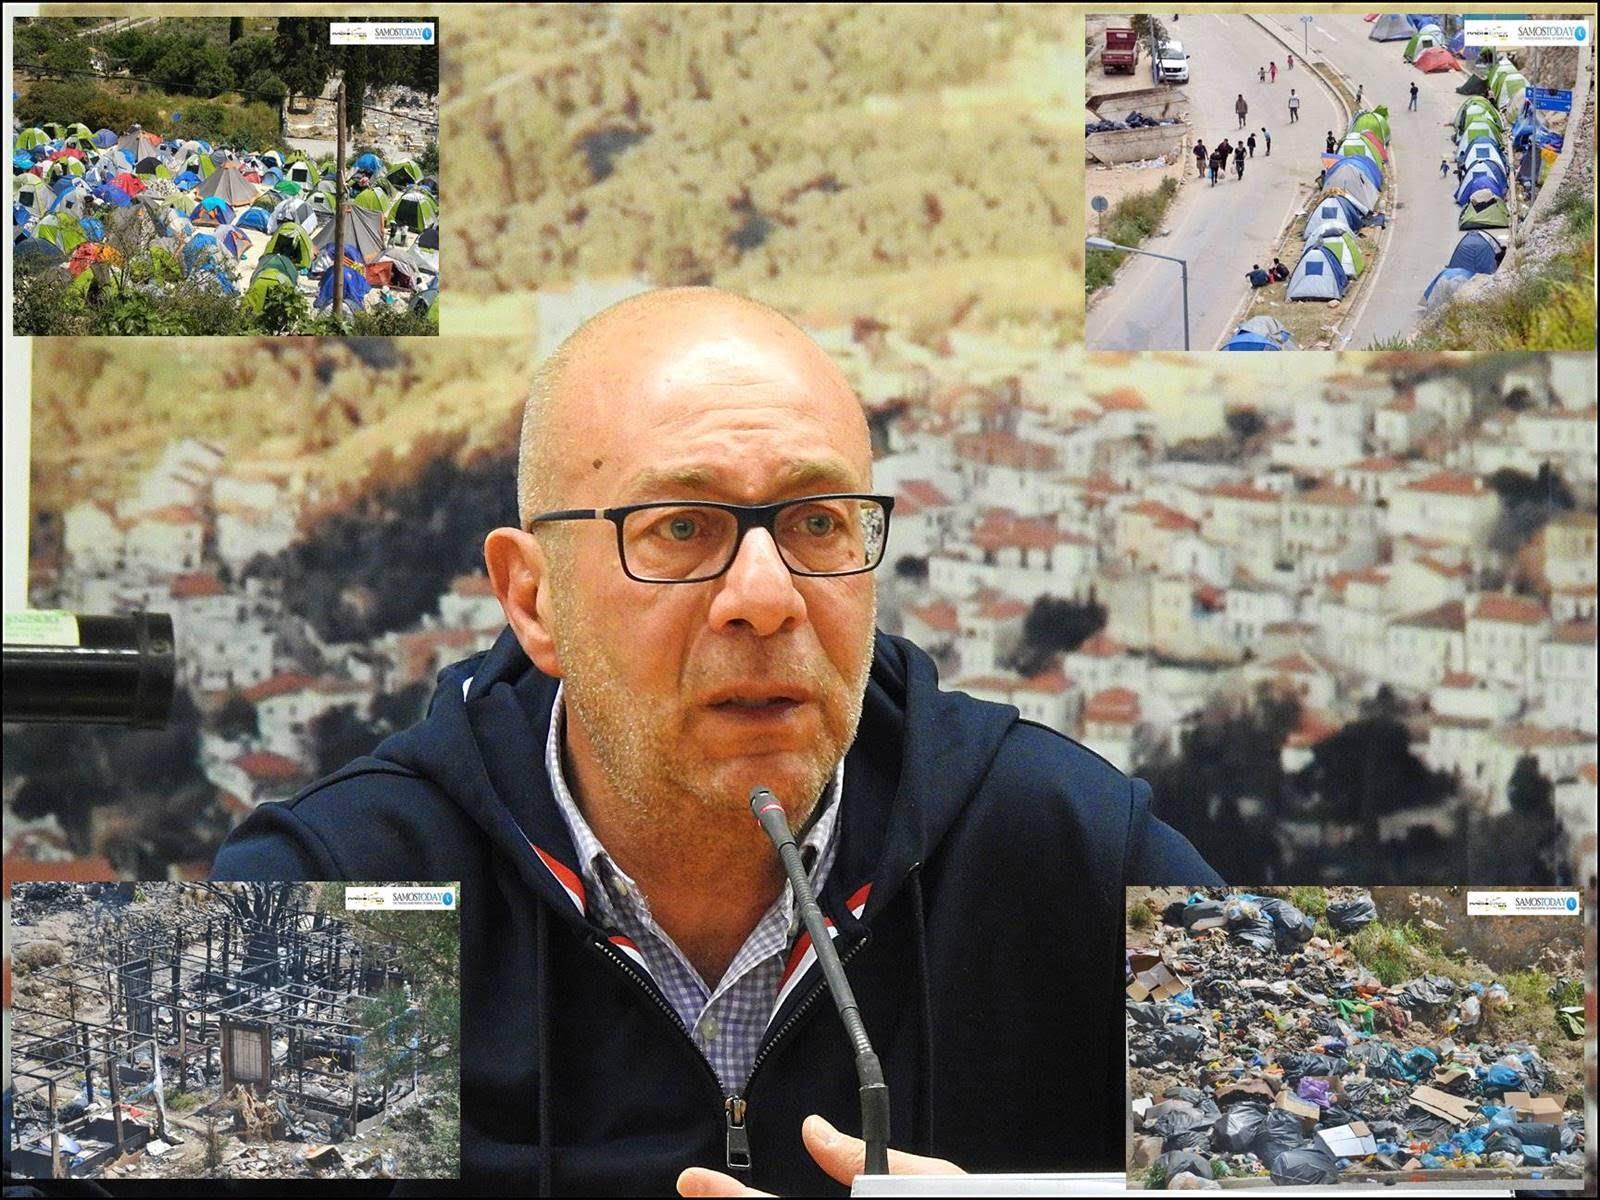 Γιώργος Στάντζος: Οι σκηνές πρέπει να μεταφερθούν άμεσα εντός του ΚΥΤ Σάμου και επιτέλους να γίνει αποσυμφόρηση